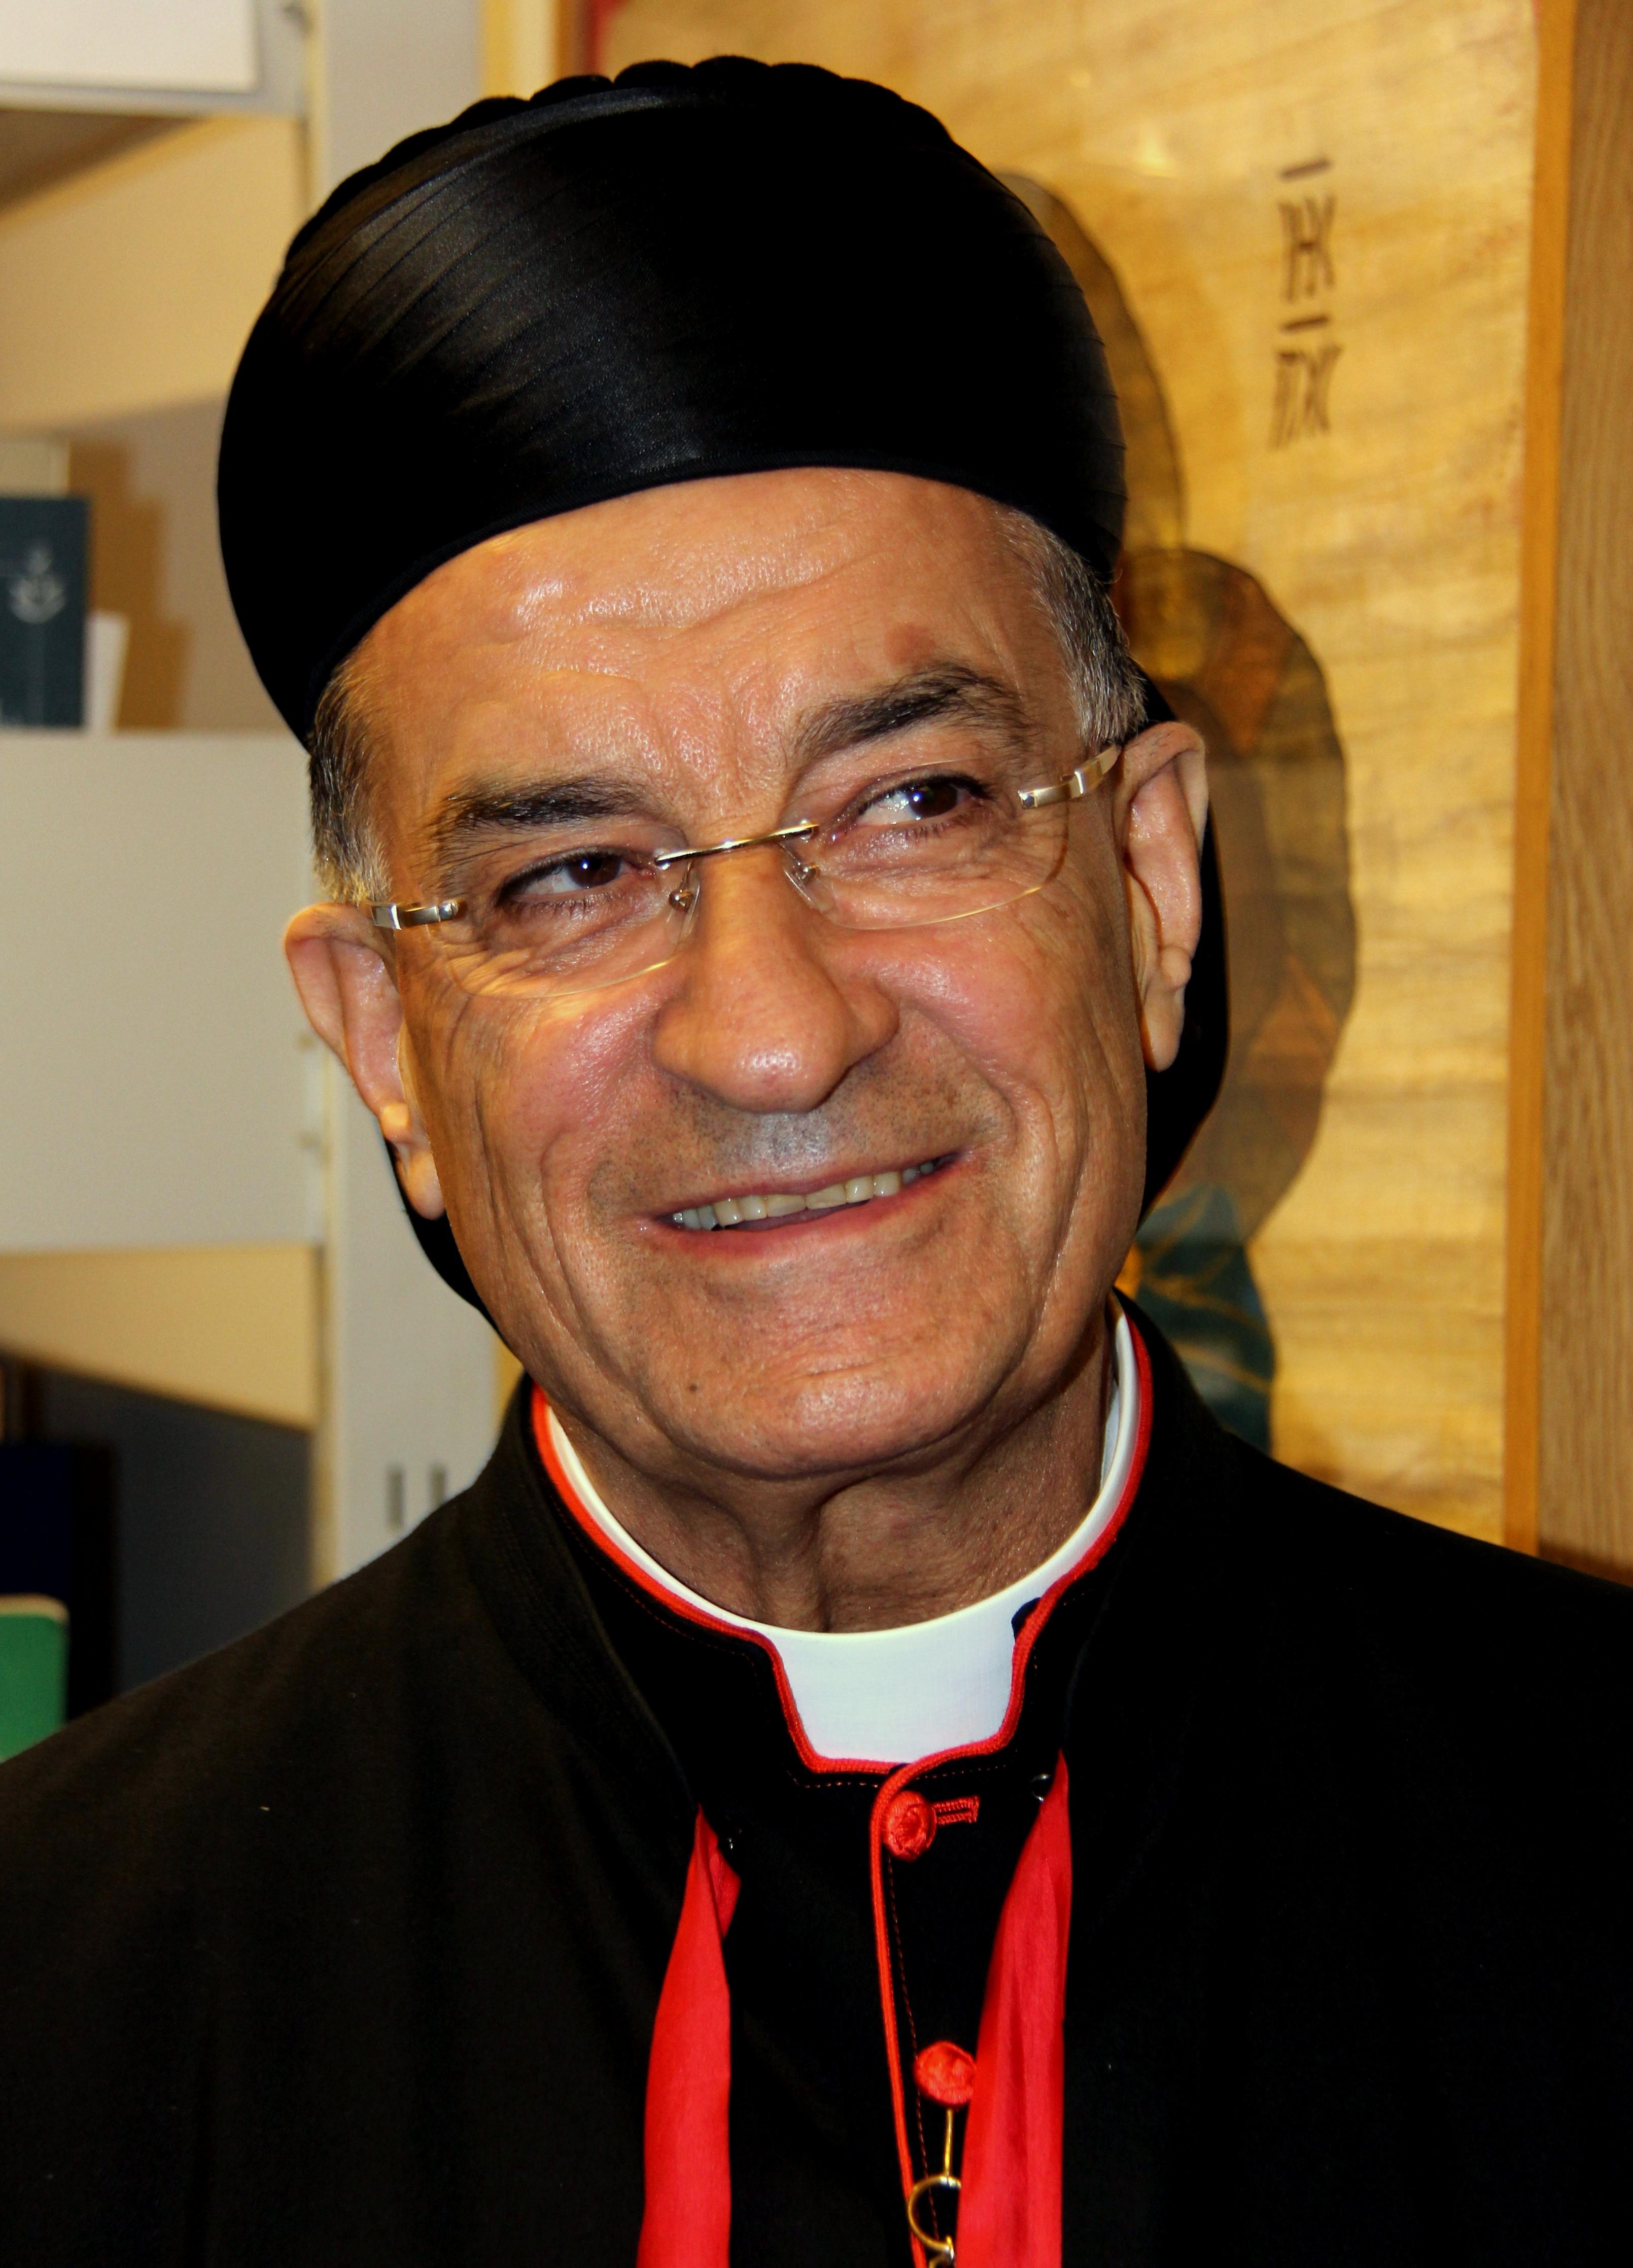 Cardeal Mar Bechara Boutros al-Rahi, Patriarca Maronita de Antioquia